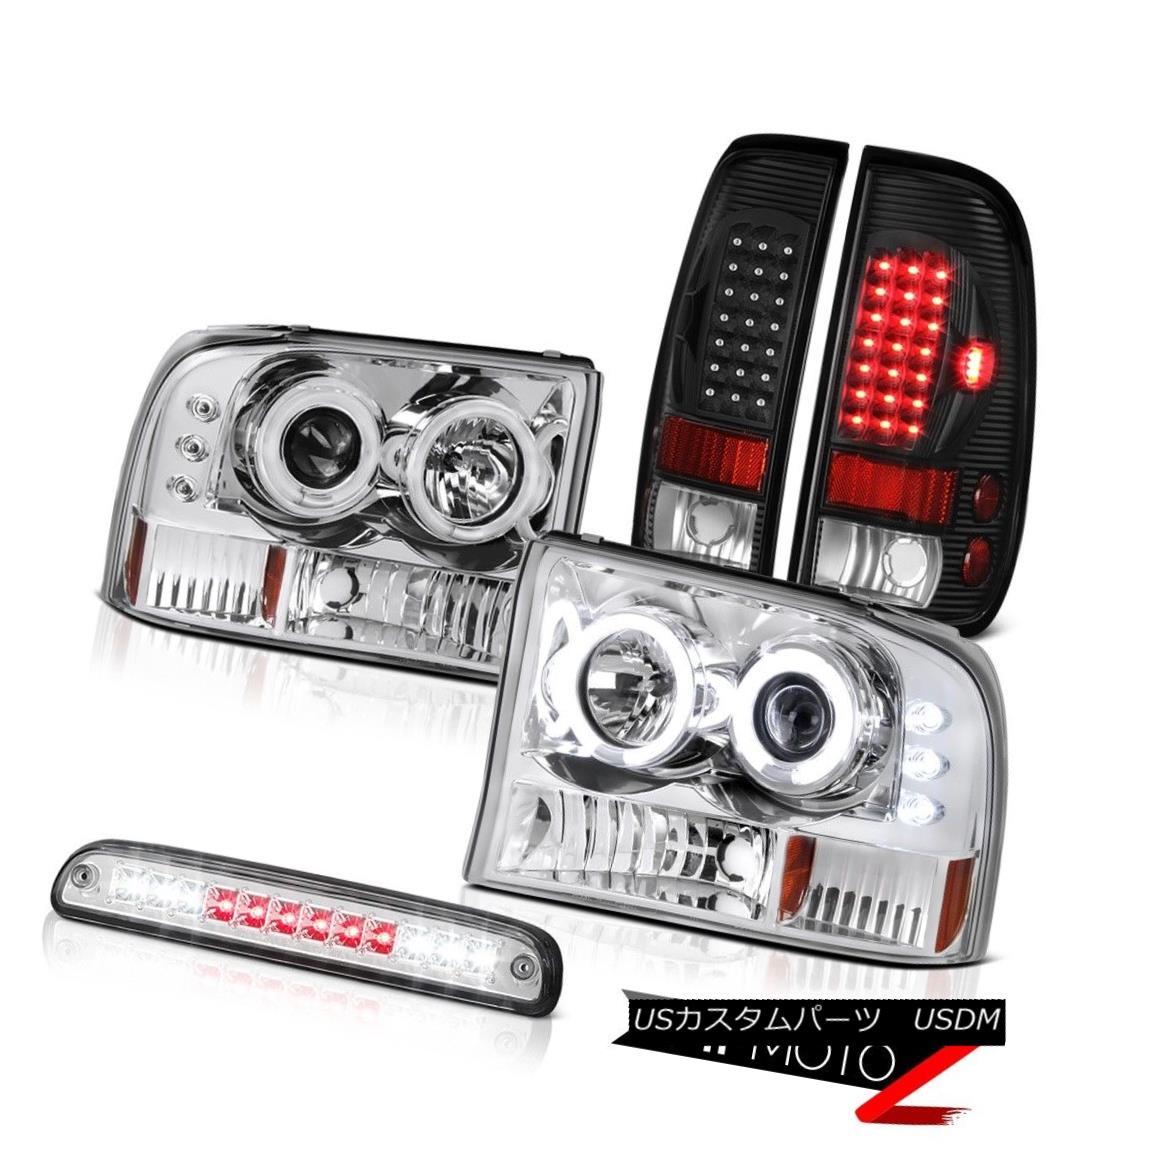 テールライト 99-04 F350 7.3L Projector Headlights CCFL Halo Euro Third Brake Bulb Tail Light 99-04 F350 7.3LプロジェクターヘッドライトCCFL Halo Euro第3ブレーキバルブテールライト